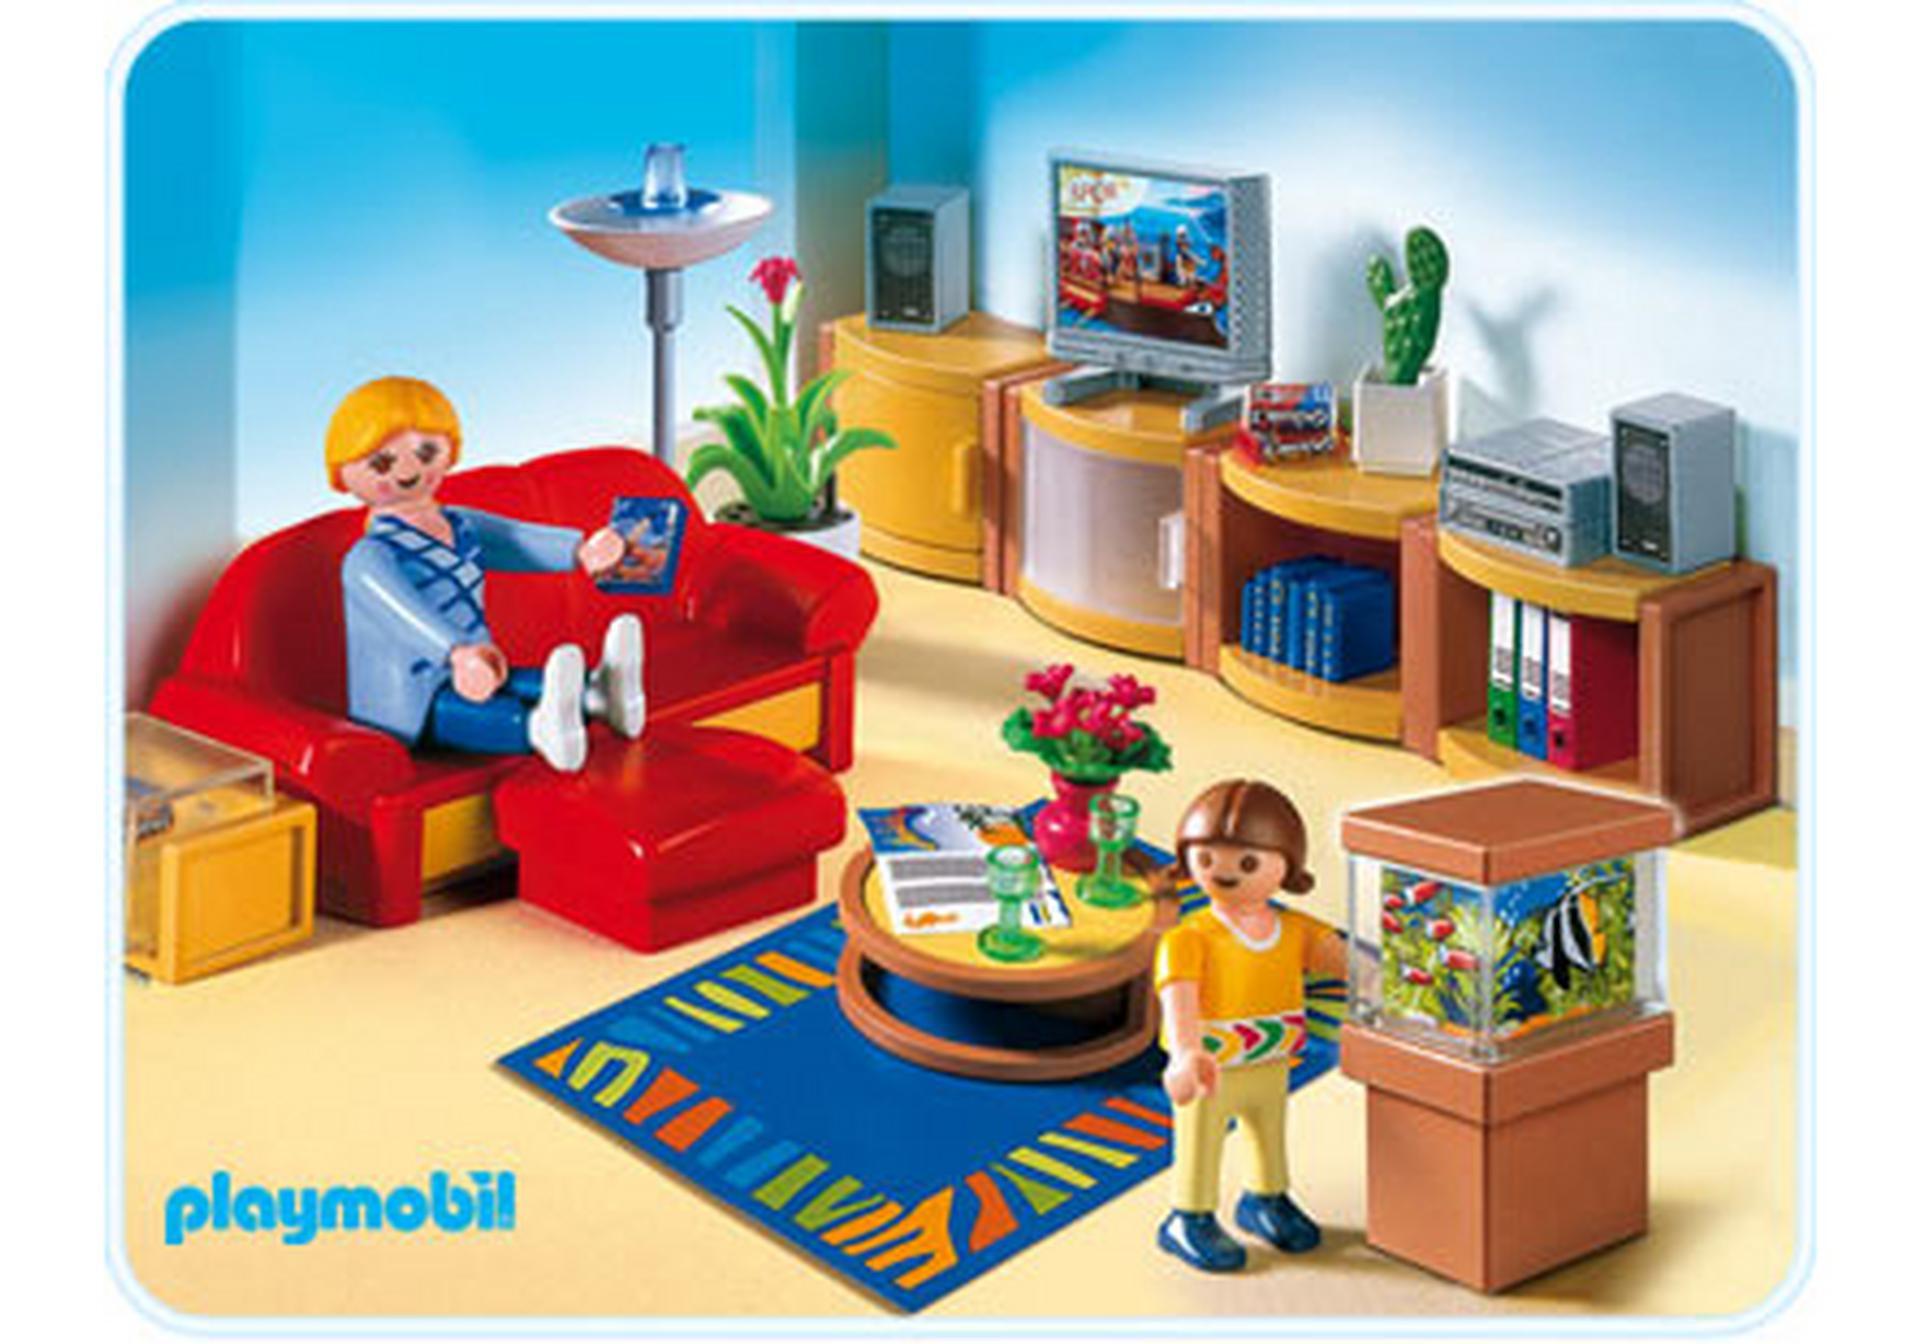 Playmobil Wohnzimmer  Sonniges Wohnzimmer 4282 A PLAYMOBIL Deutschland